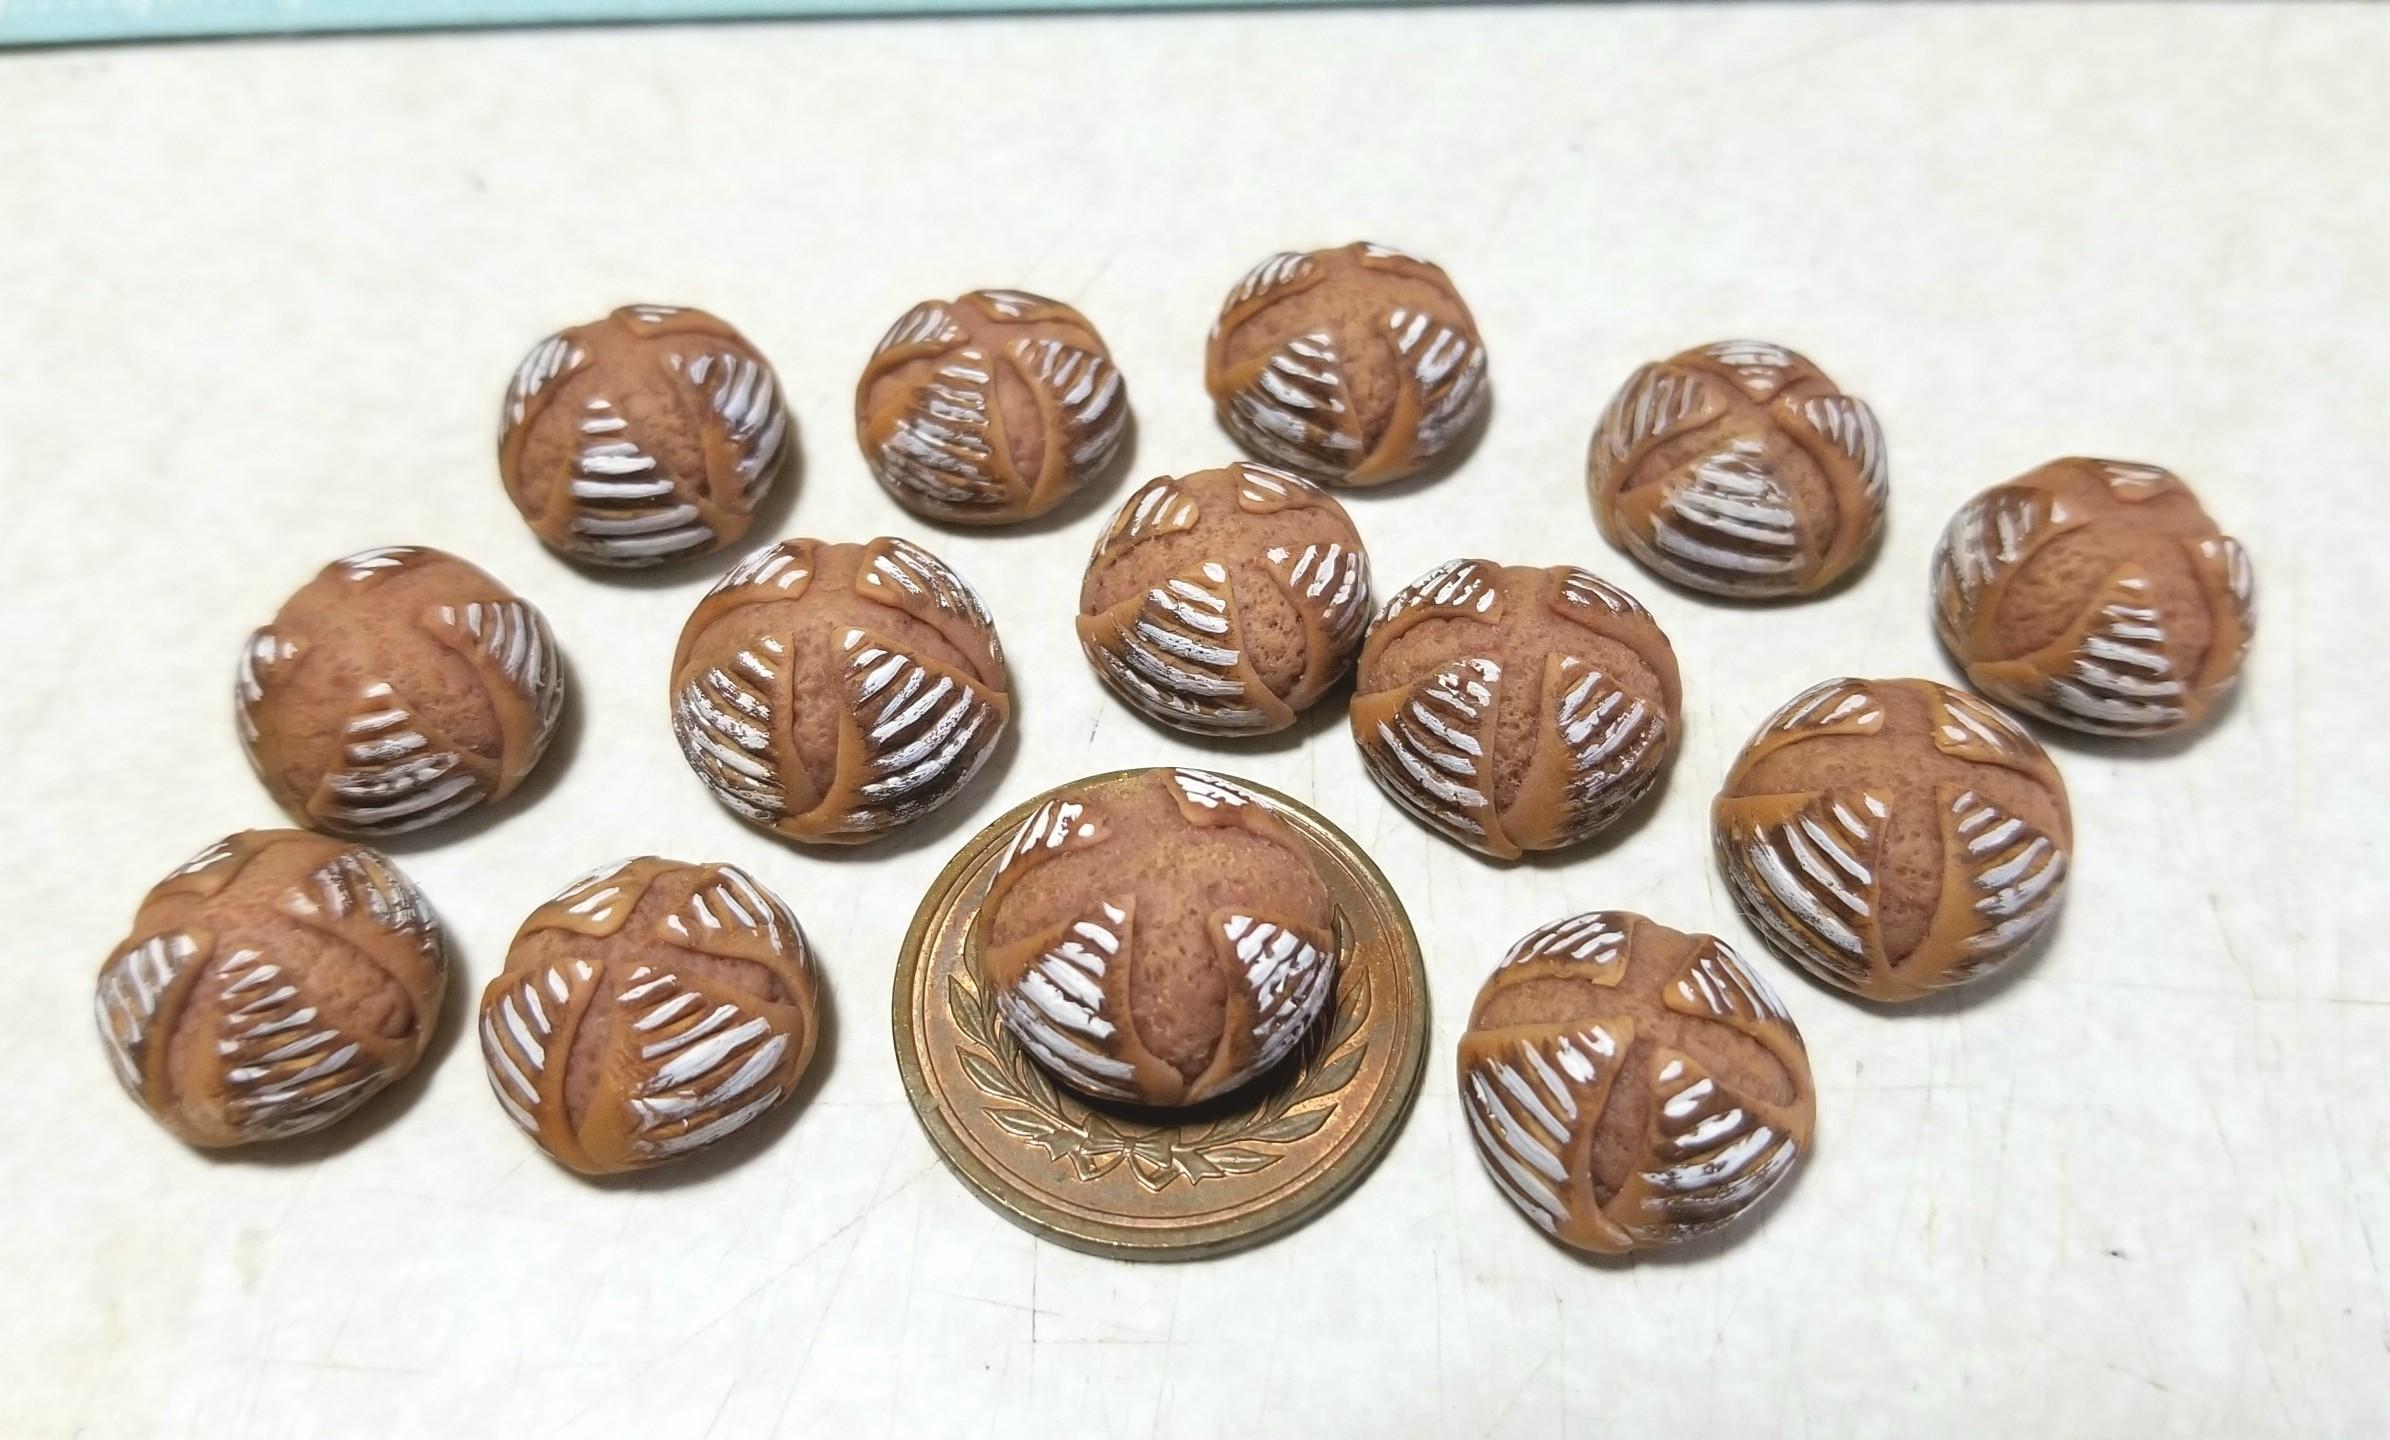 ミニチュア, パン, カンパーニュ, 作り方, 樹脂粘土, シルバニア